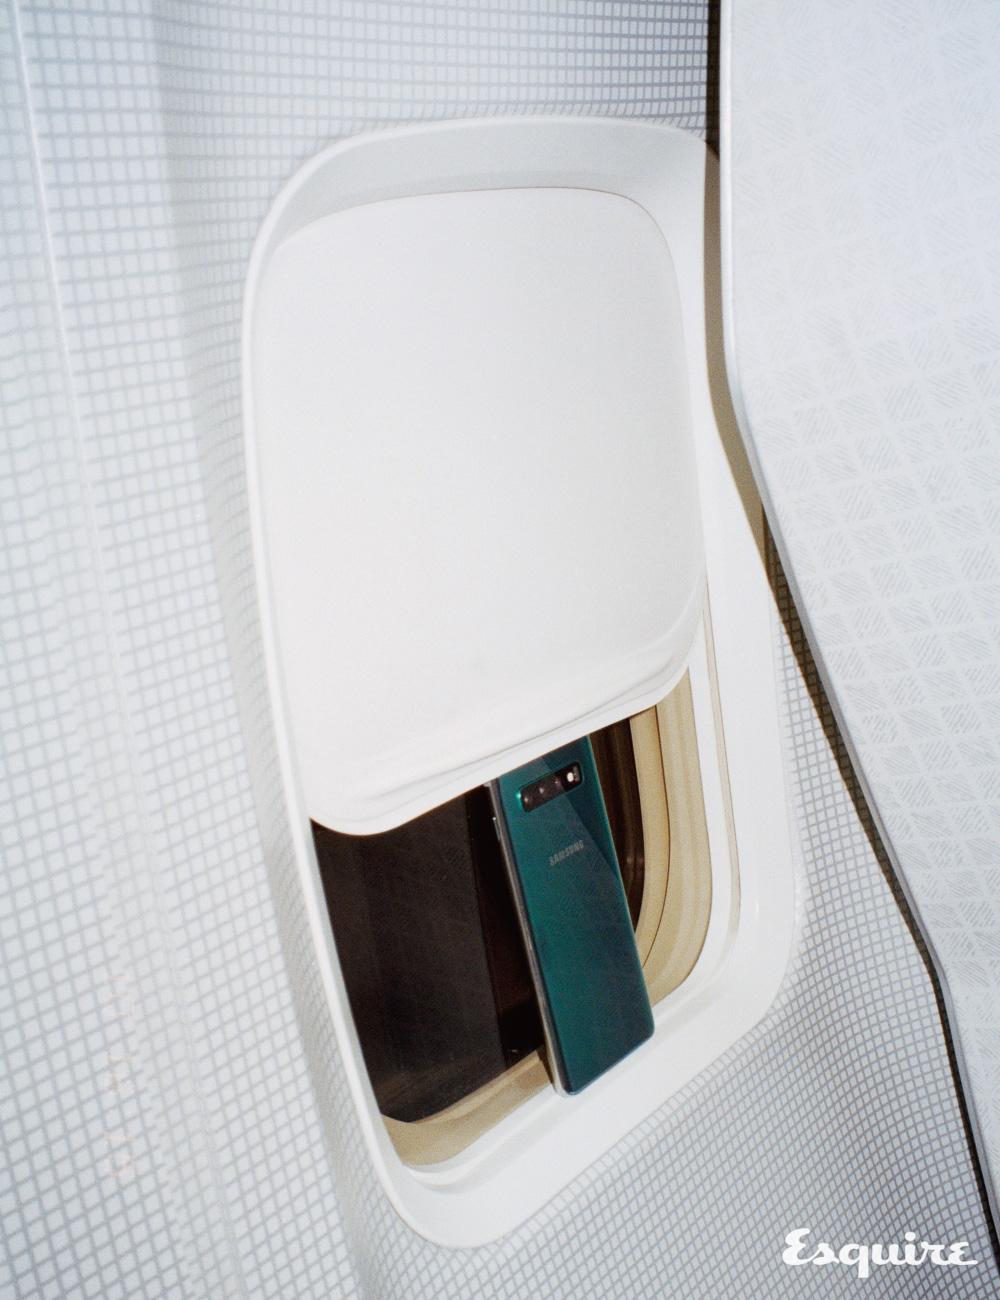 프리즘 그린 색상 갤럭시 S10 삼성전자.